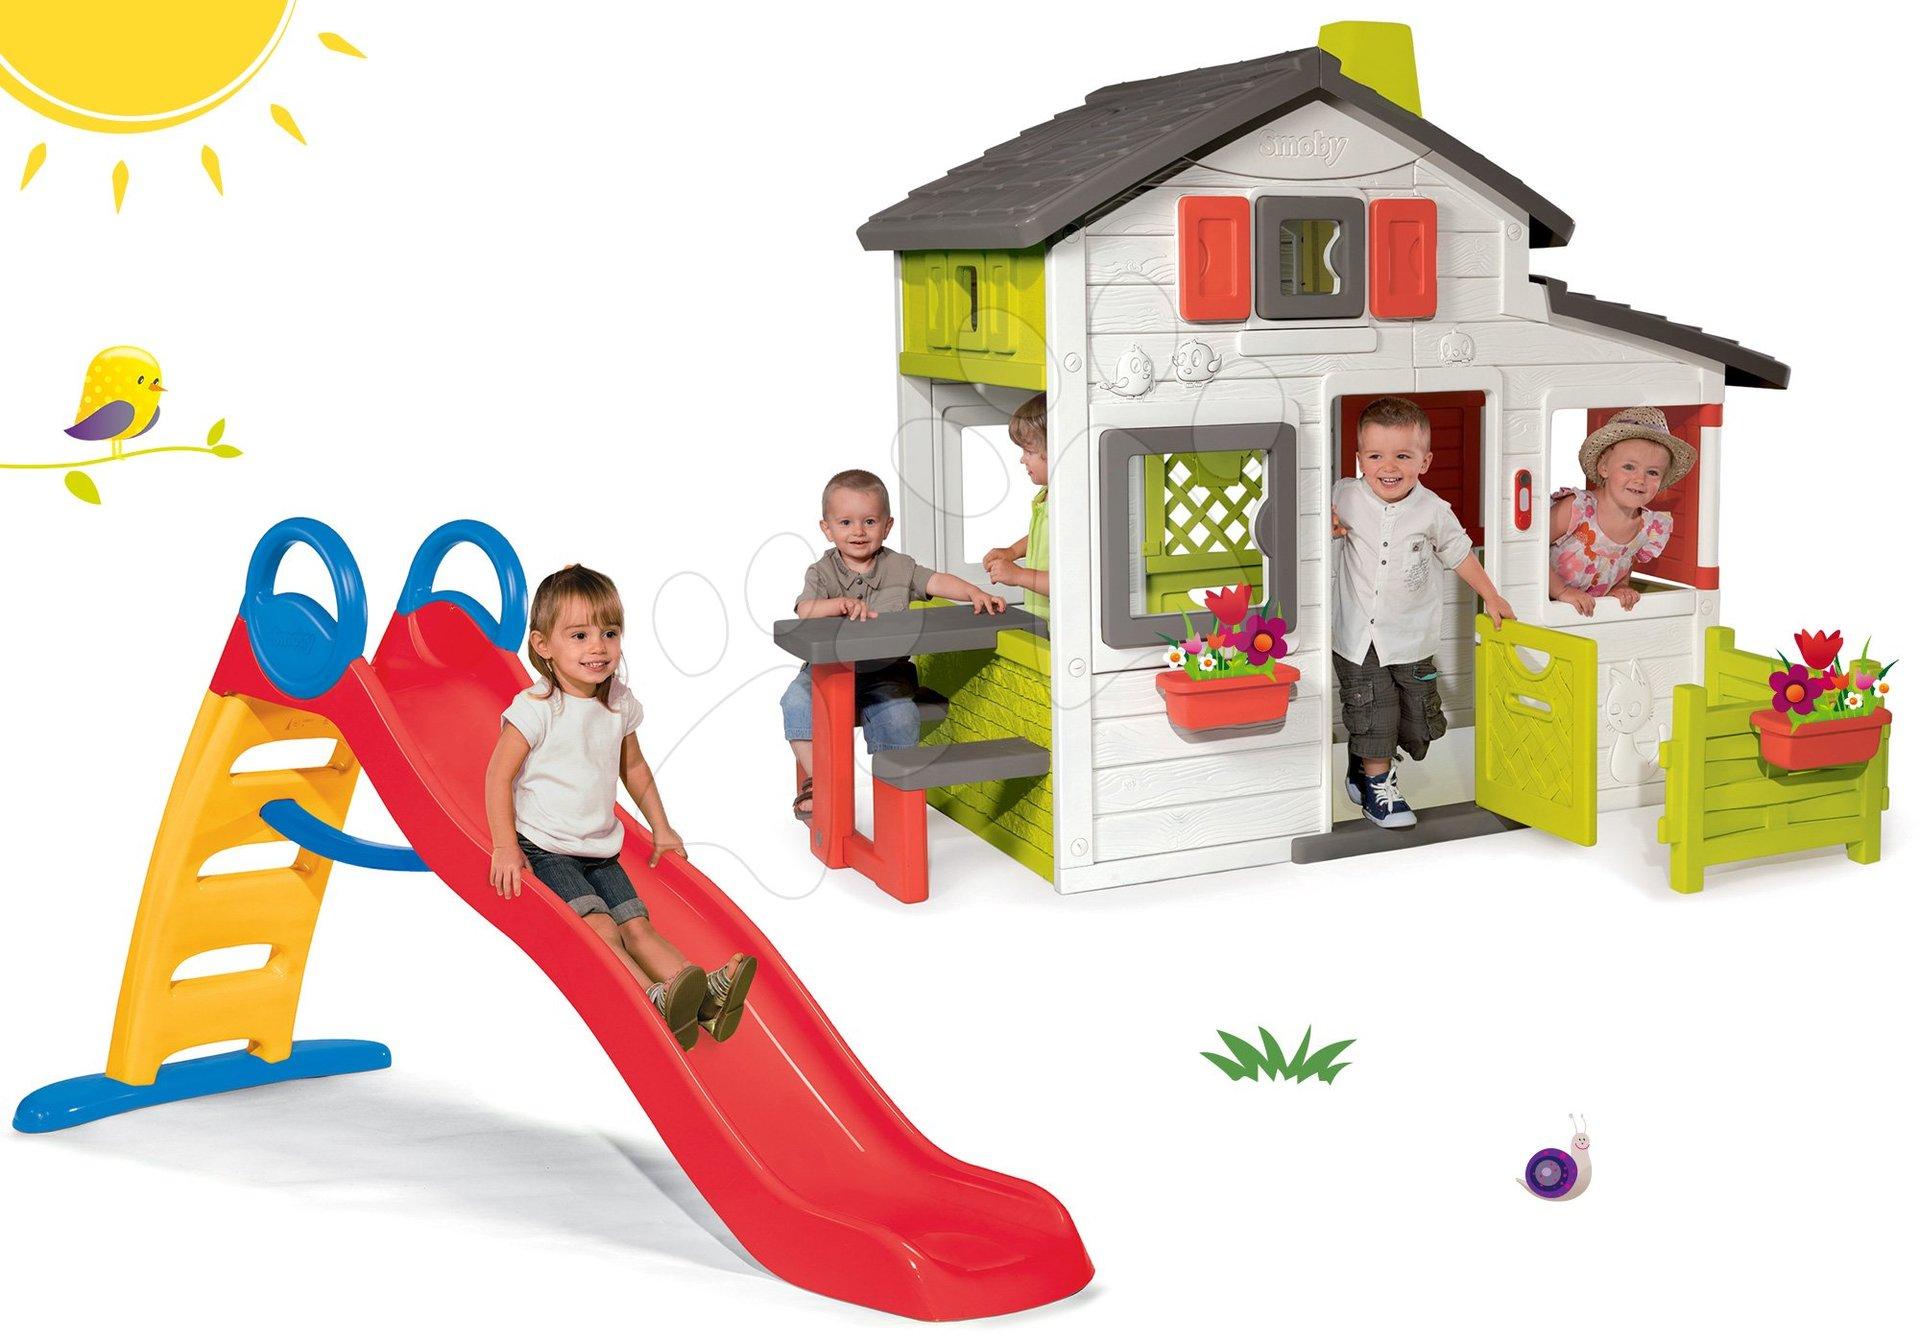 Szett házikó Barátok Smoby előkerttel és Funny Toboggan csúszda 2 méteres